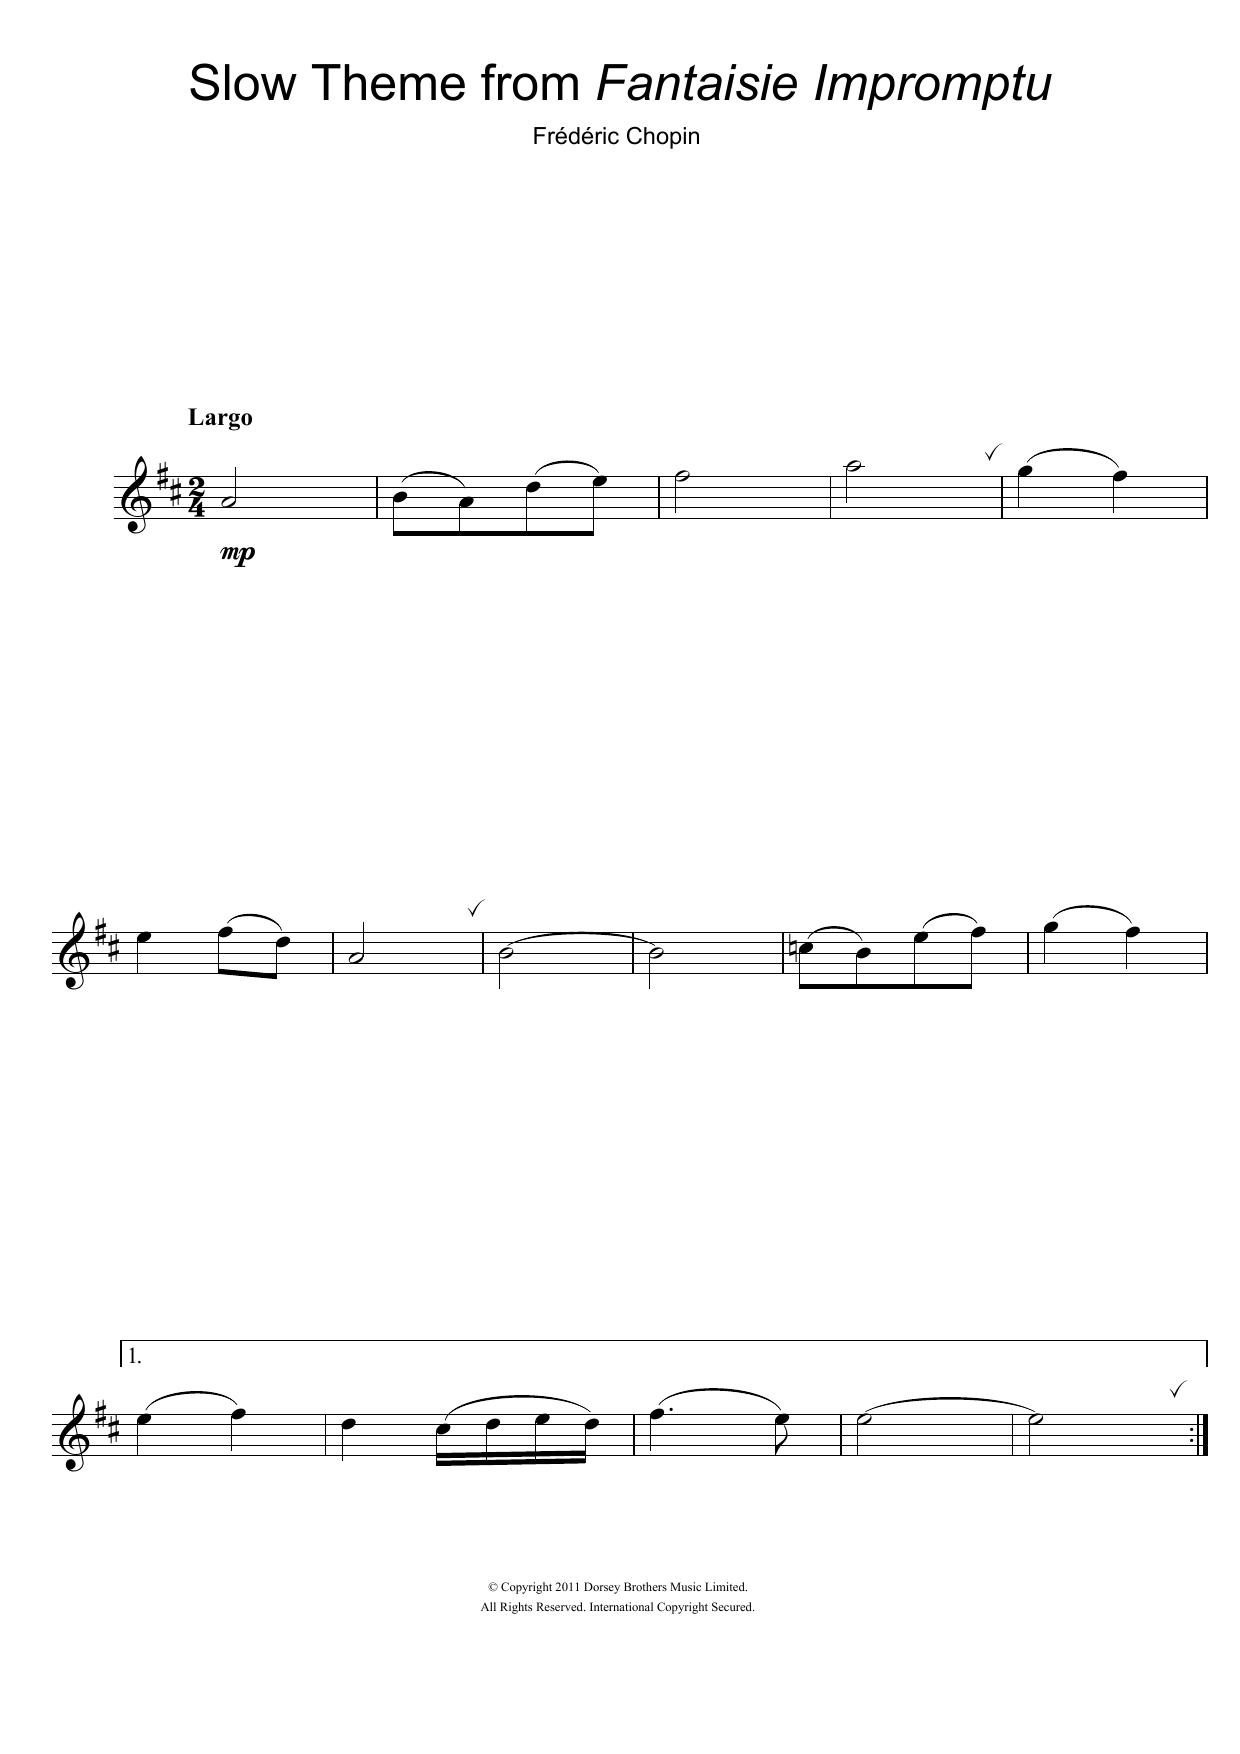 Frederic Chopin - Fantaisie Impromptu